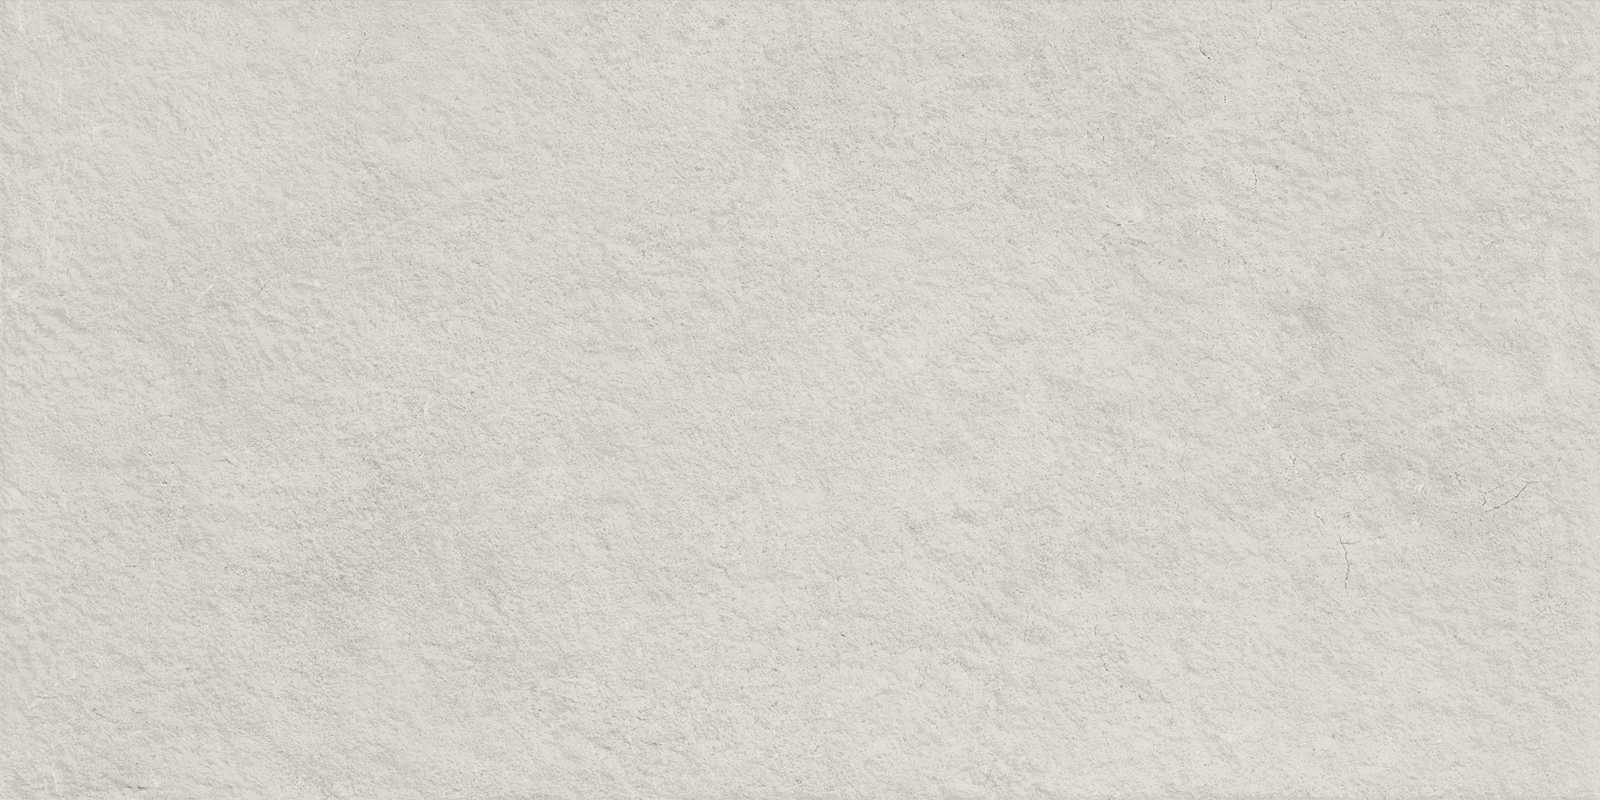 STREAM  OUTDOOR 300X600 WHITE - (Euro/Mq 16,47)